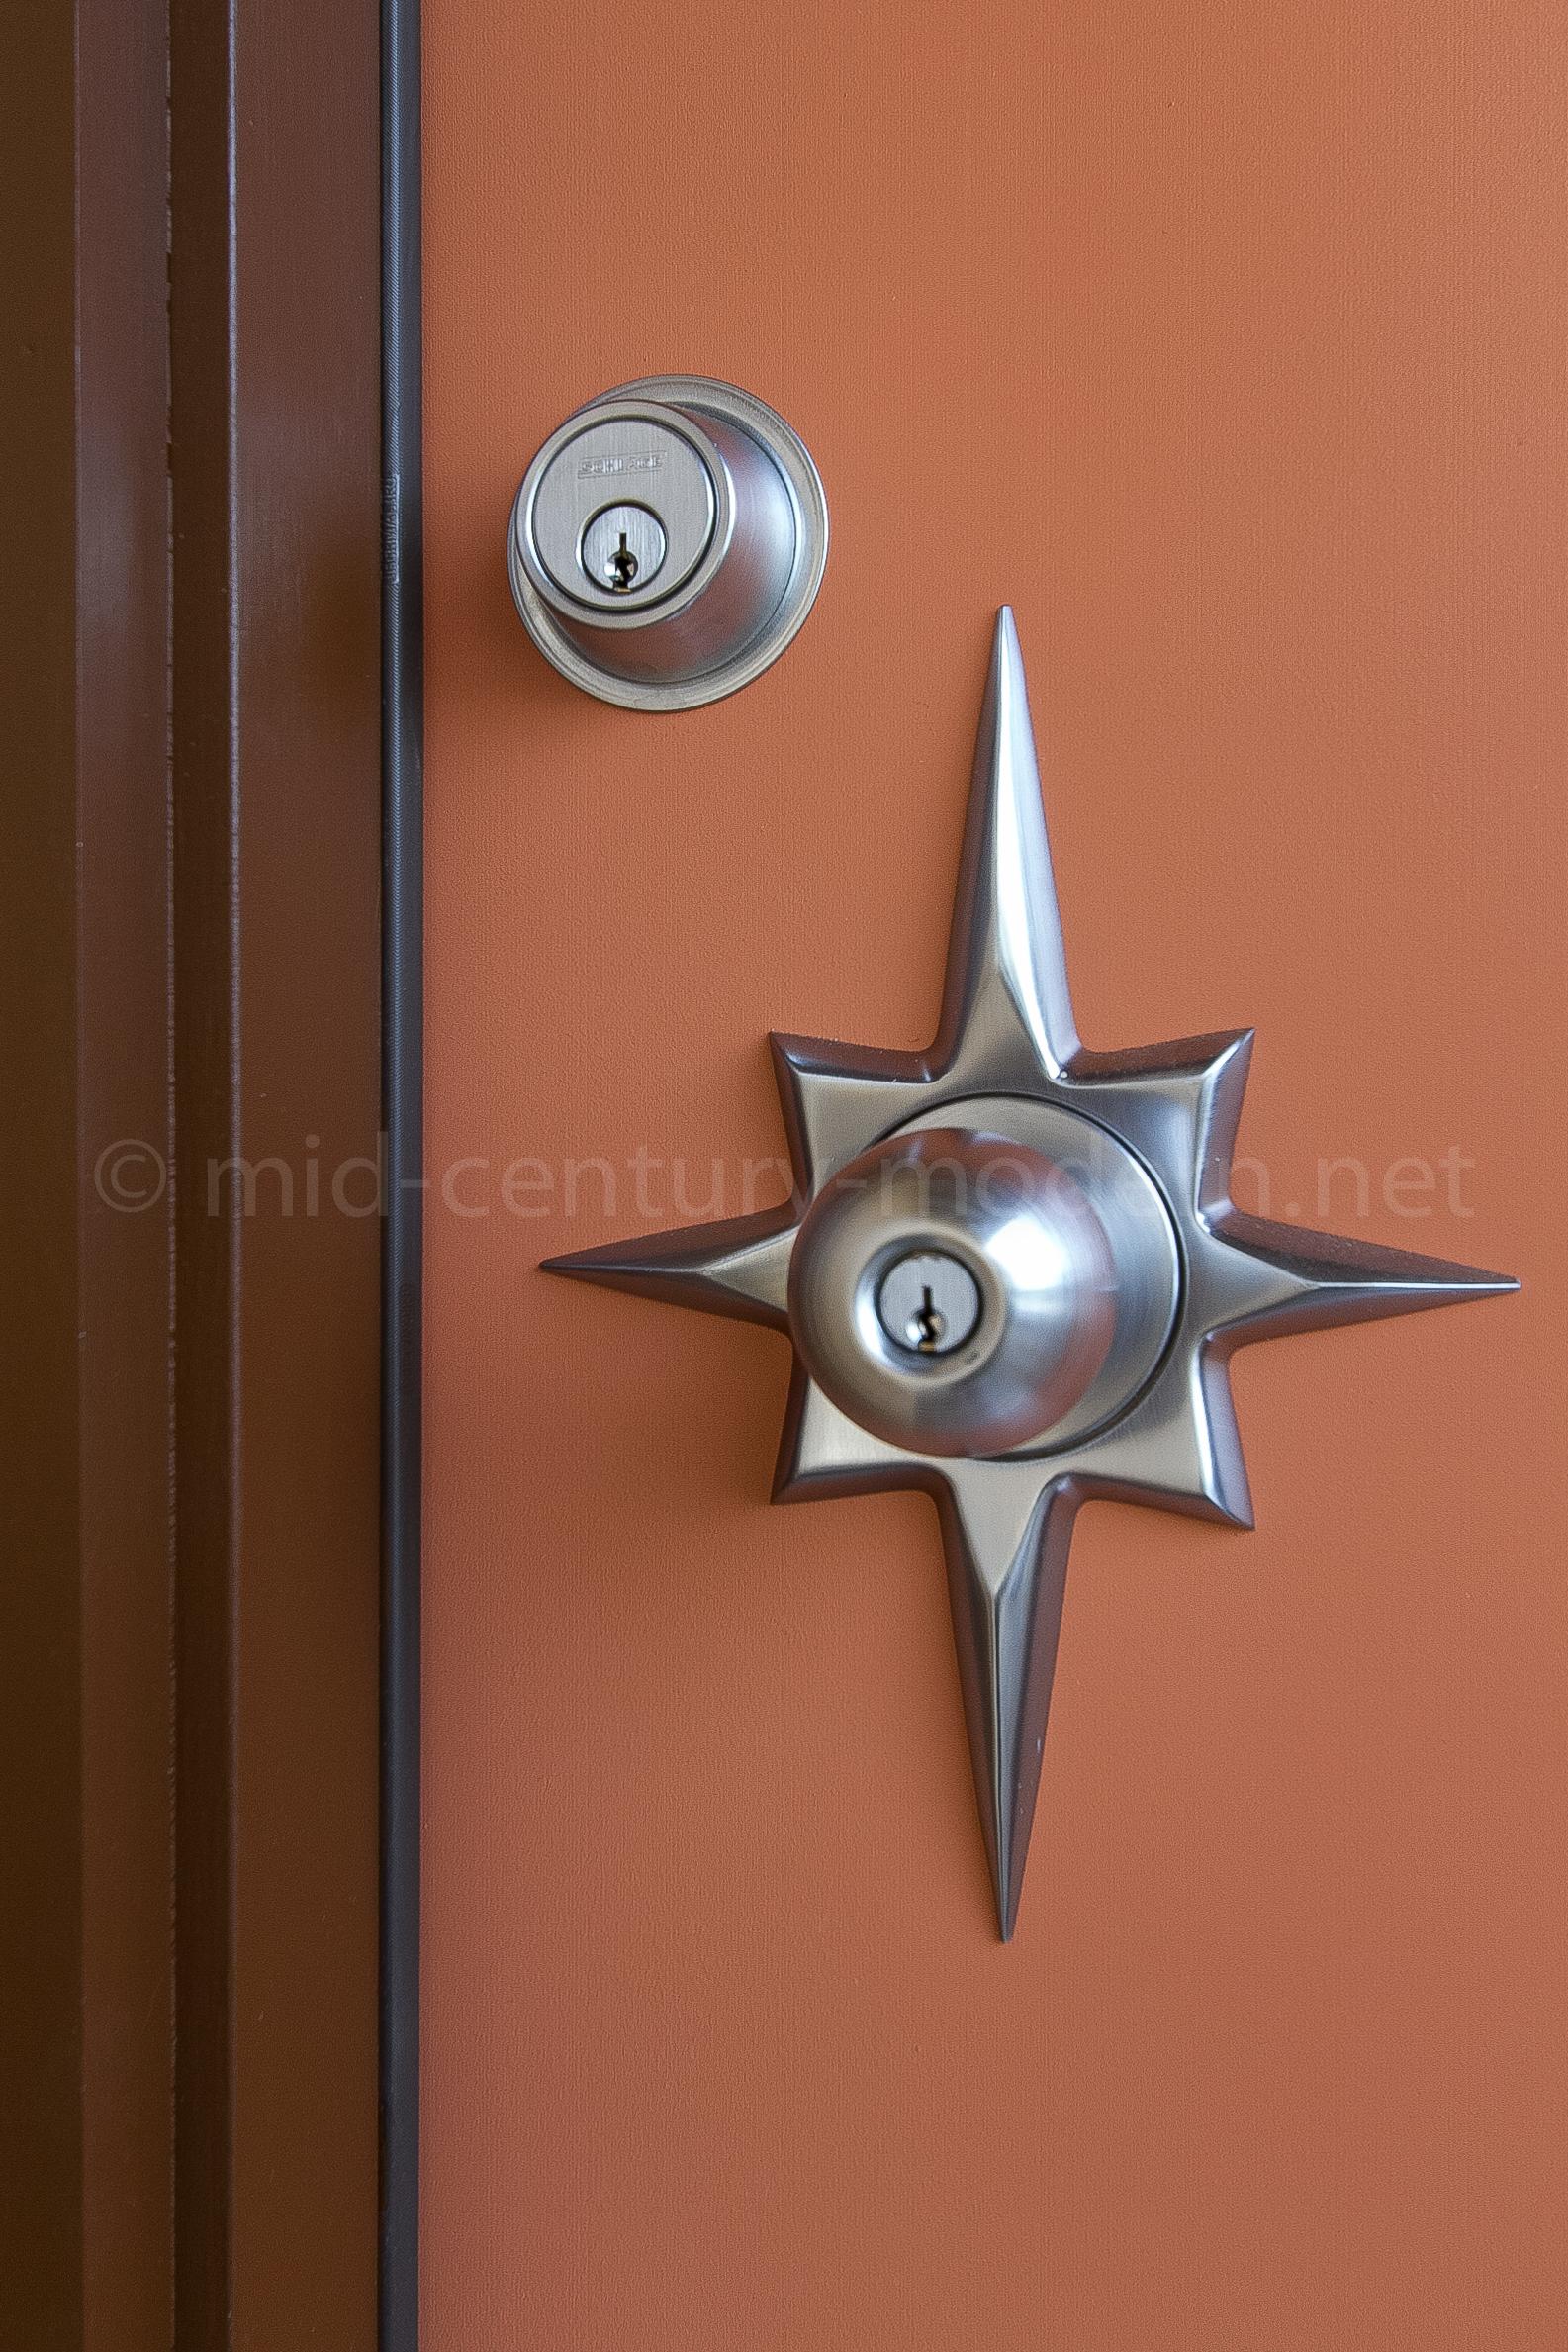 mid century modern door knobs photo - 5